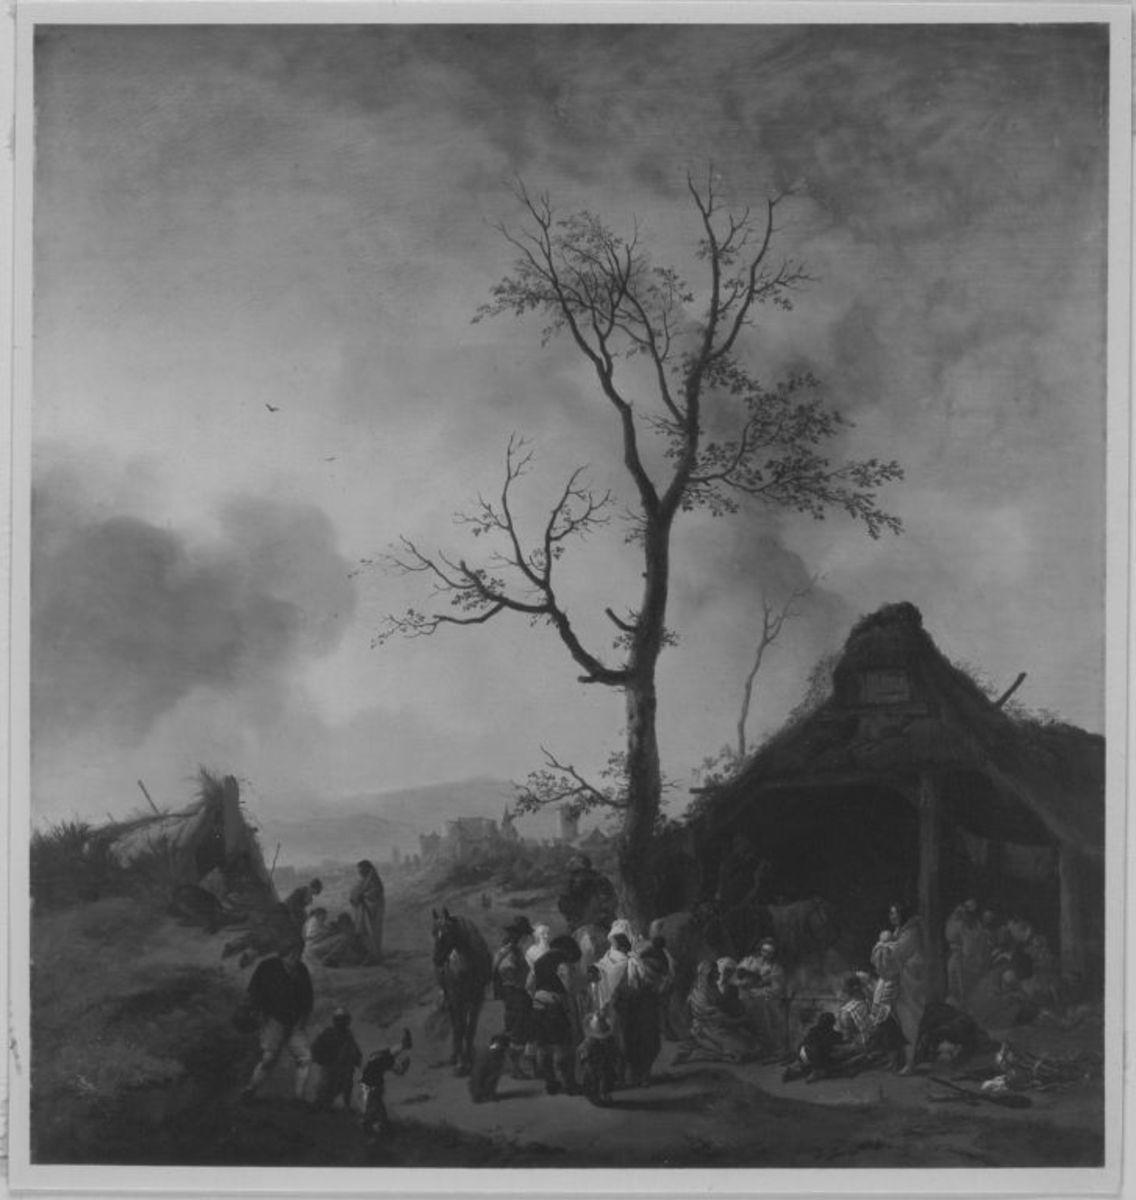 Zigeunerlager